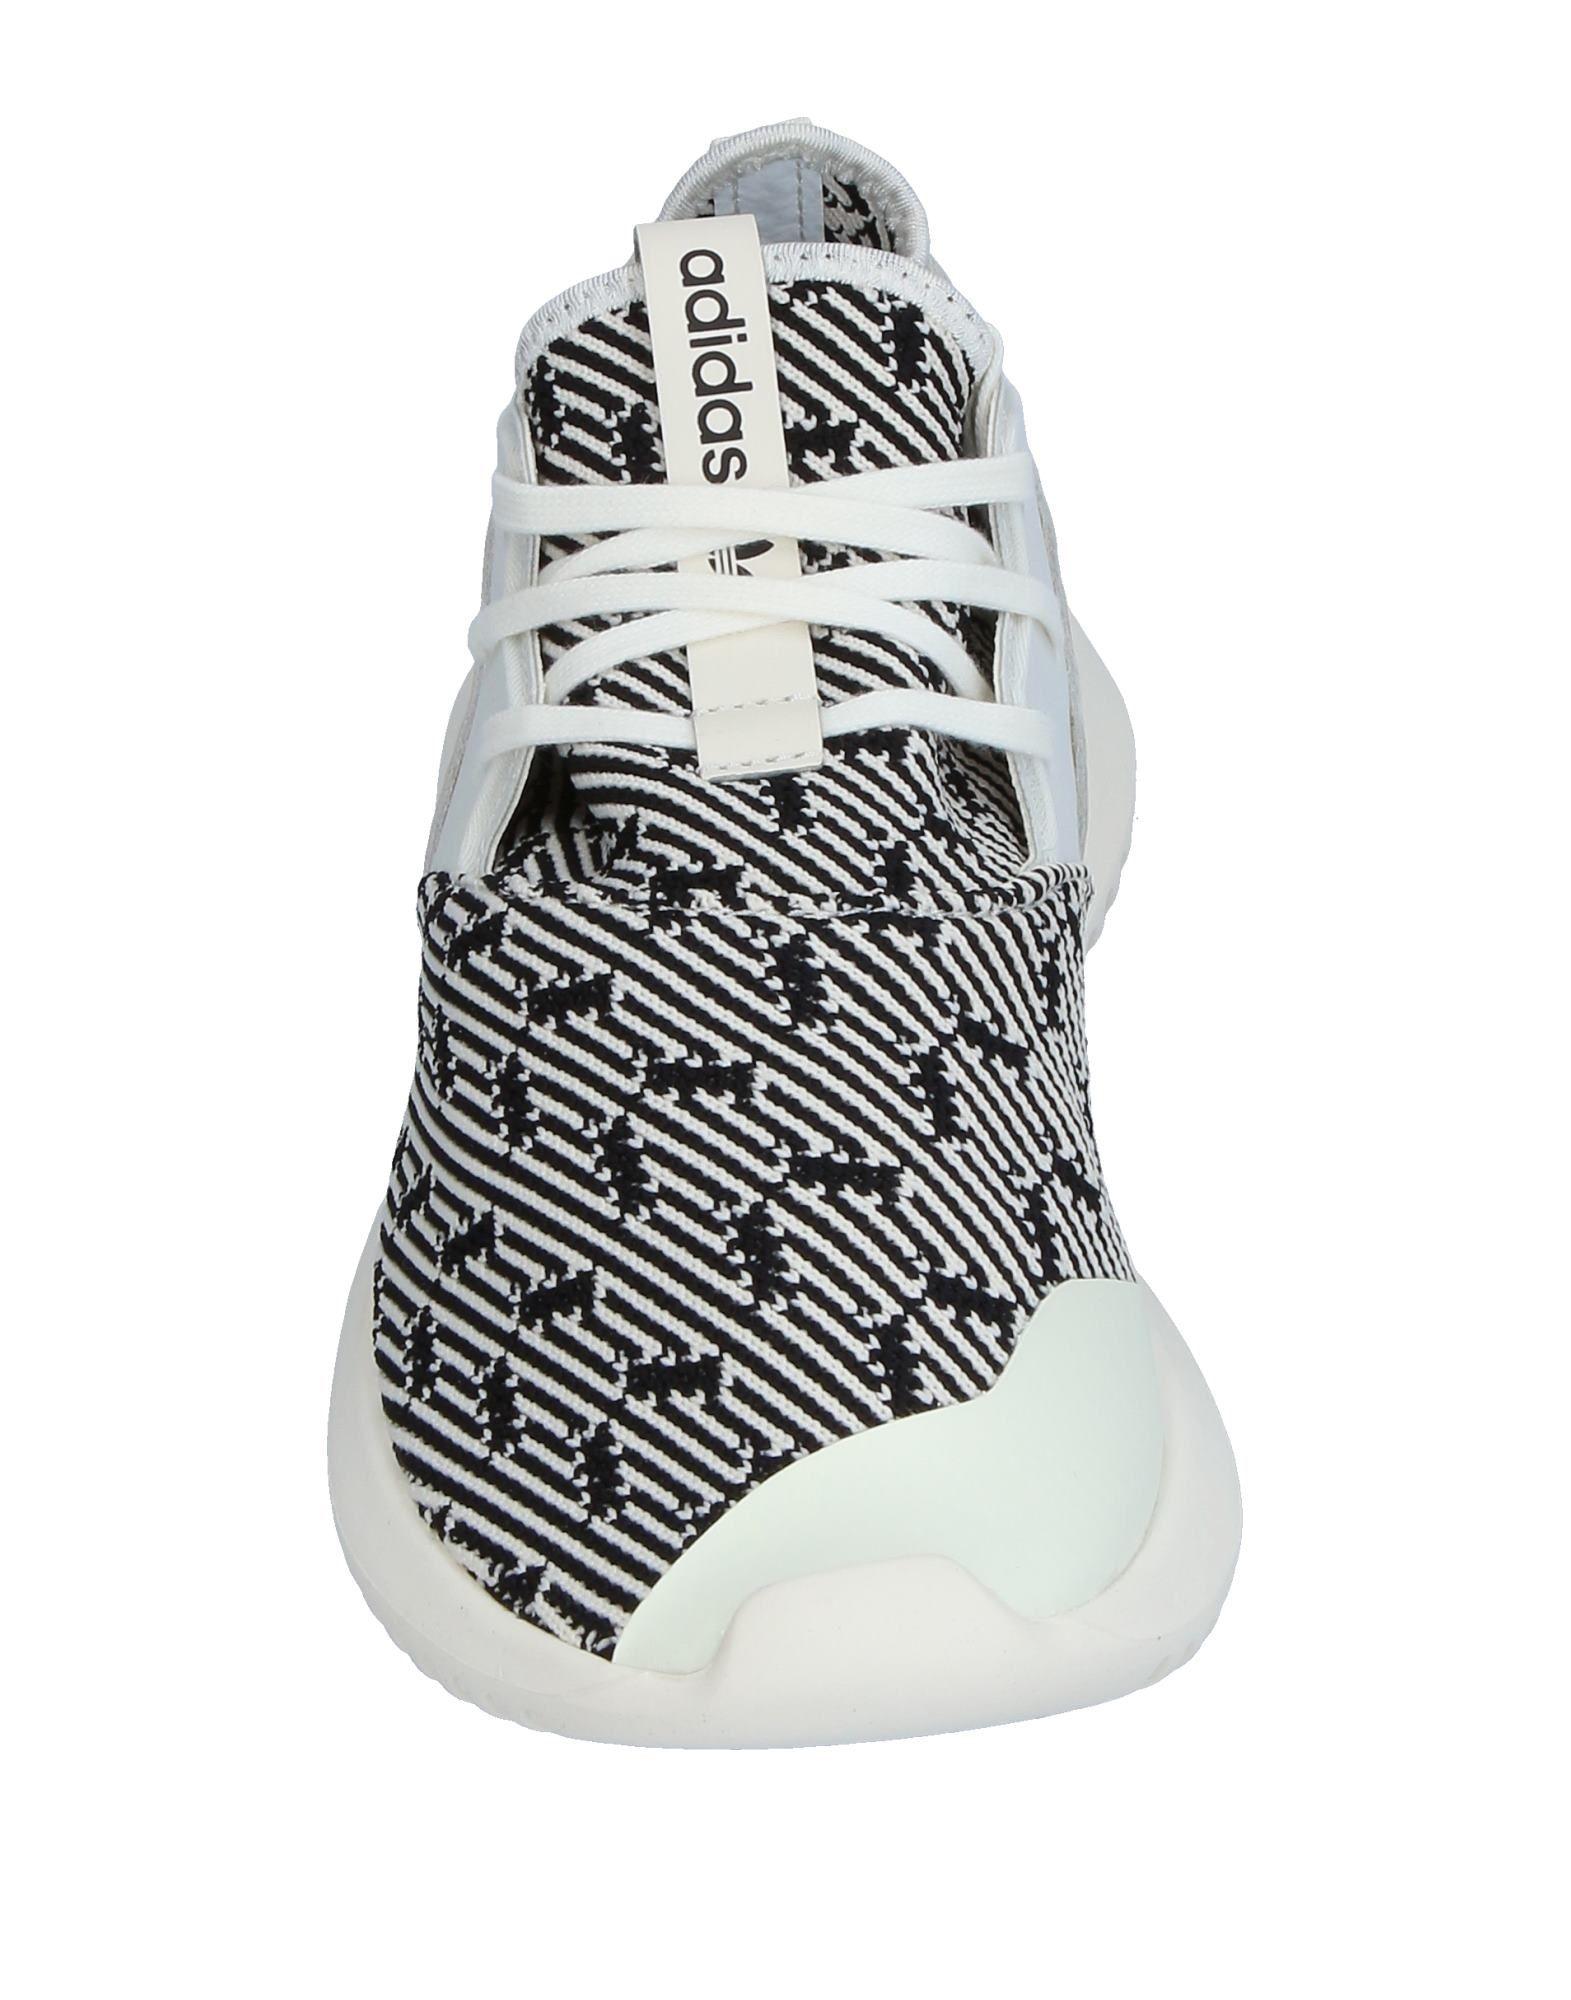 Adidas Originals Sneakers Damen beliebte  11263977DA Gute Qualität beliebte Damen Schuhe 8a4ee4